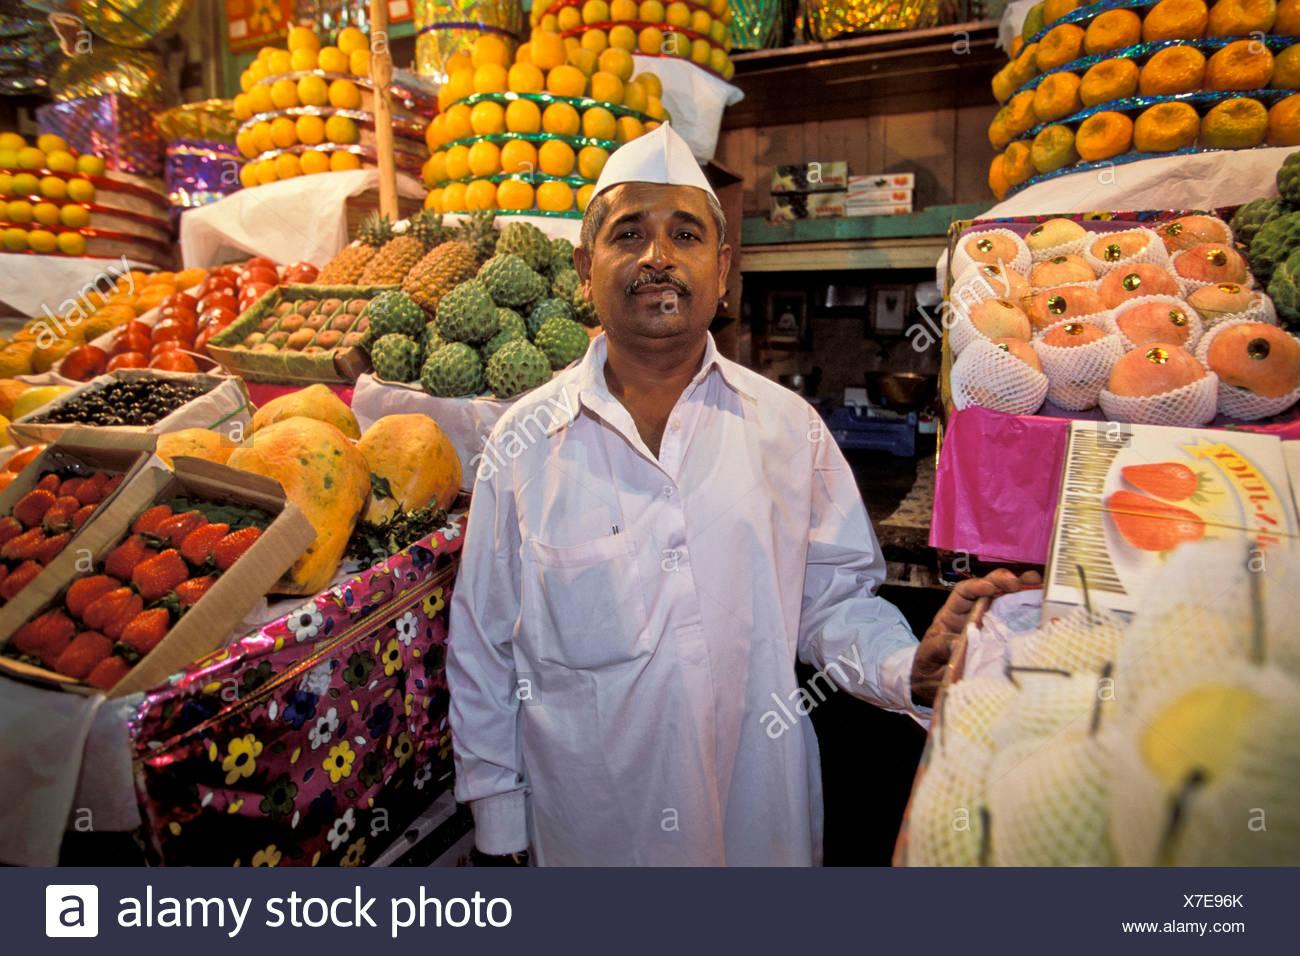 Fornitore di frutta, frutta stand, Mercato Crawford, Bombay o Mumbai, Maharashtra, India, Asia del Sud, Asia Immagini Stock